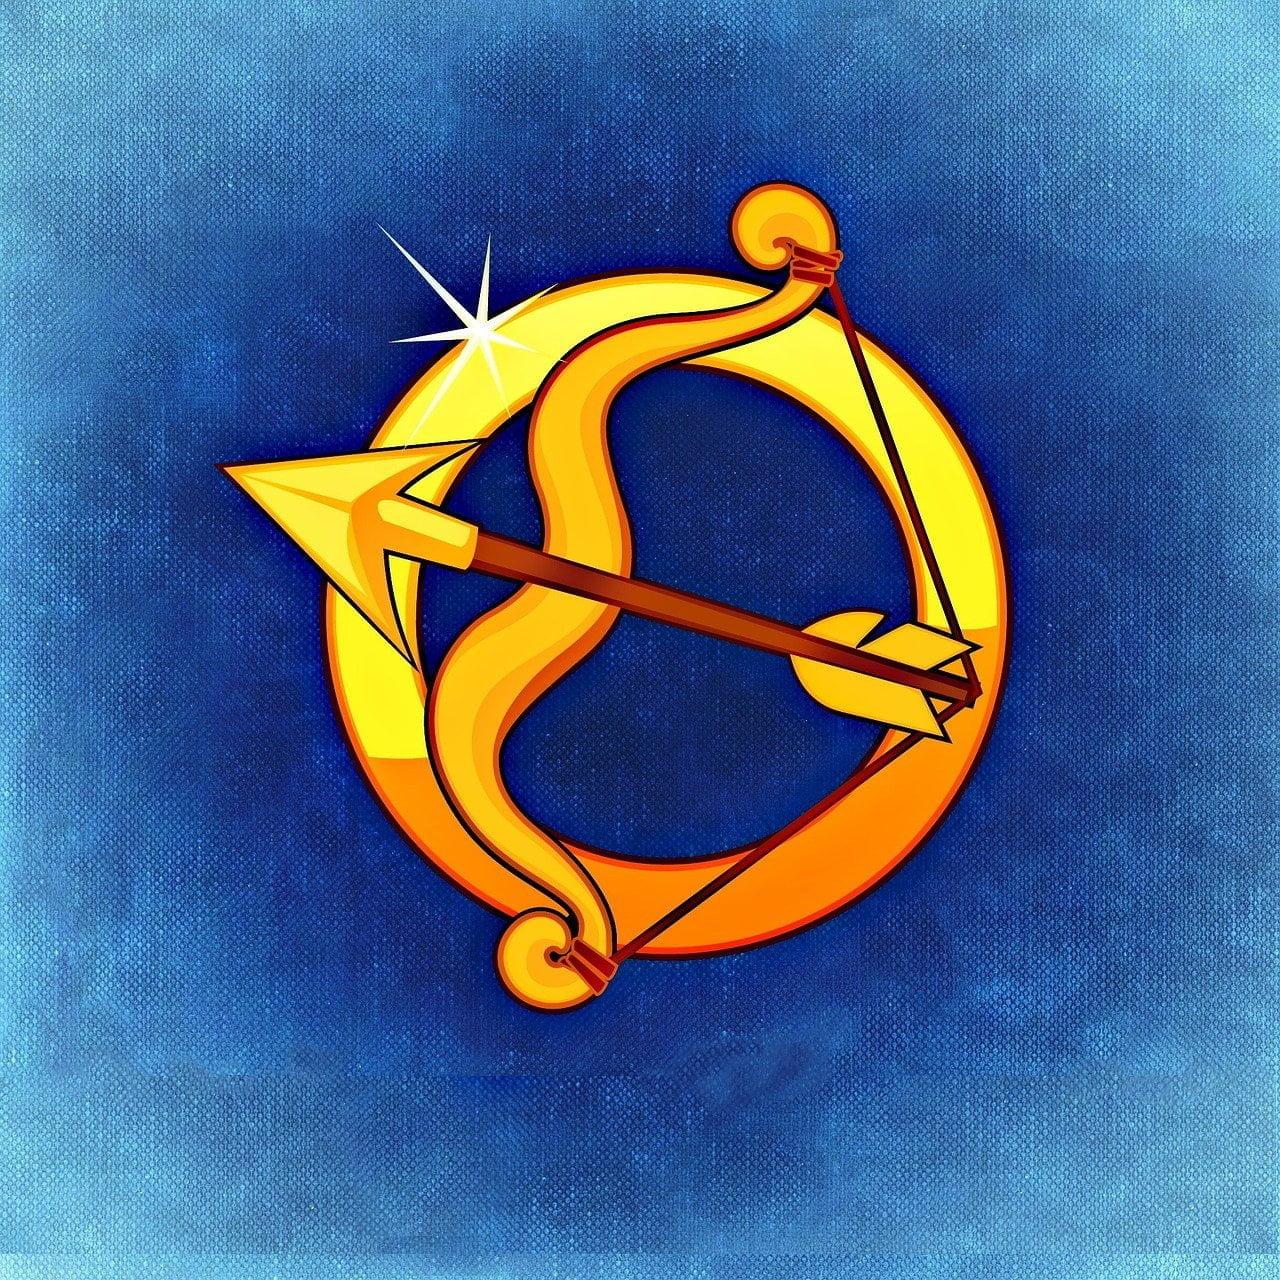 Гороскоп для Стрельца - Оракул. Знаки судьбы